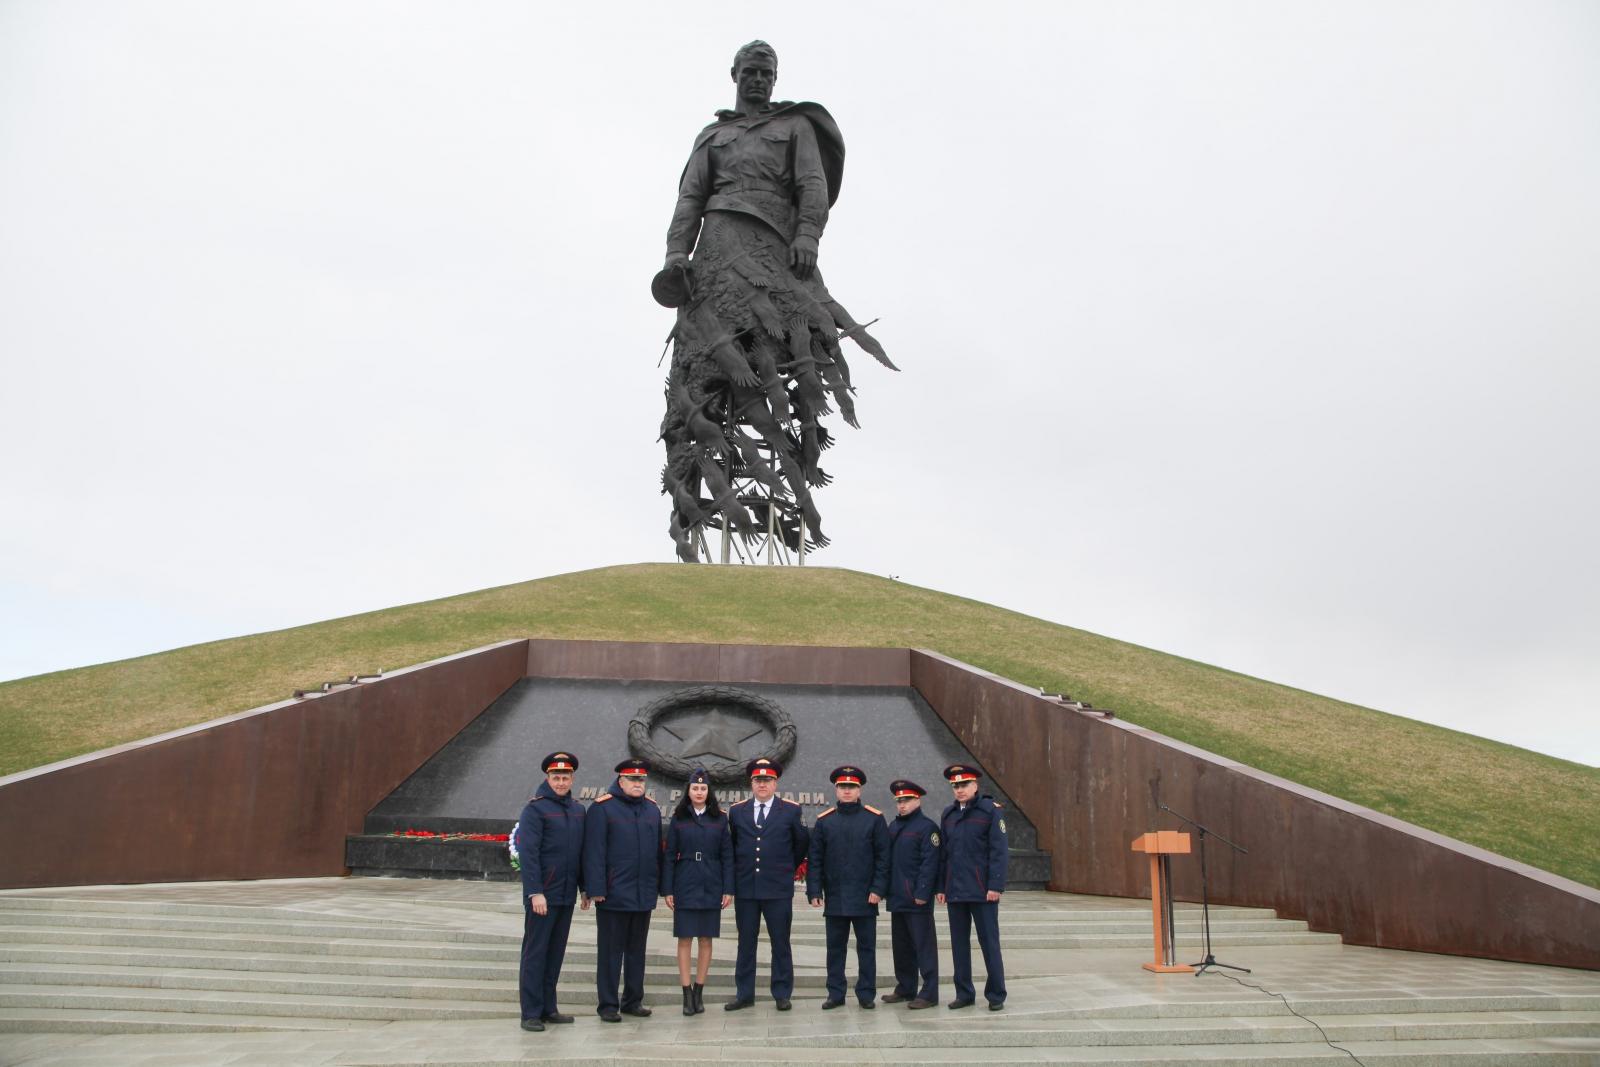 В Тверской области сотрудники СК приняли участие в закрытии поисковой экспедиции «Ржев. Калининский фронт»